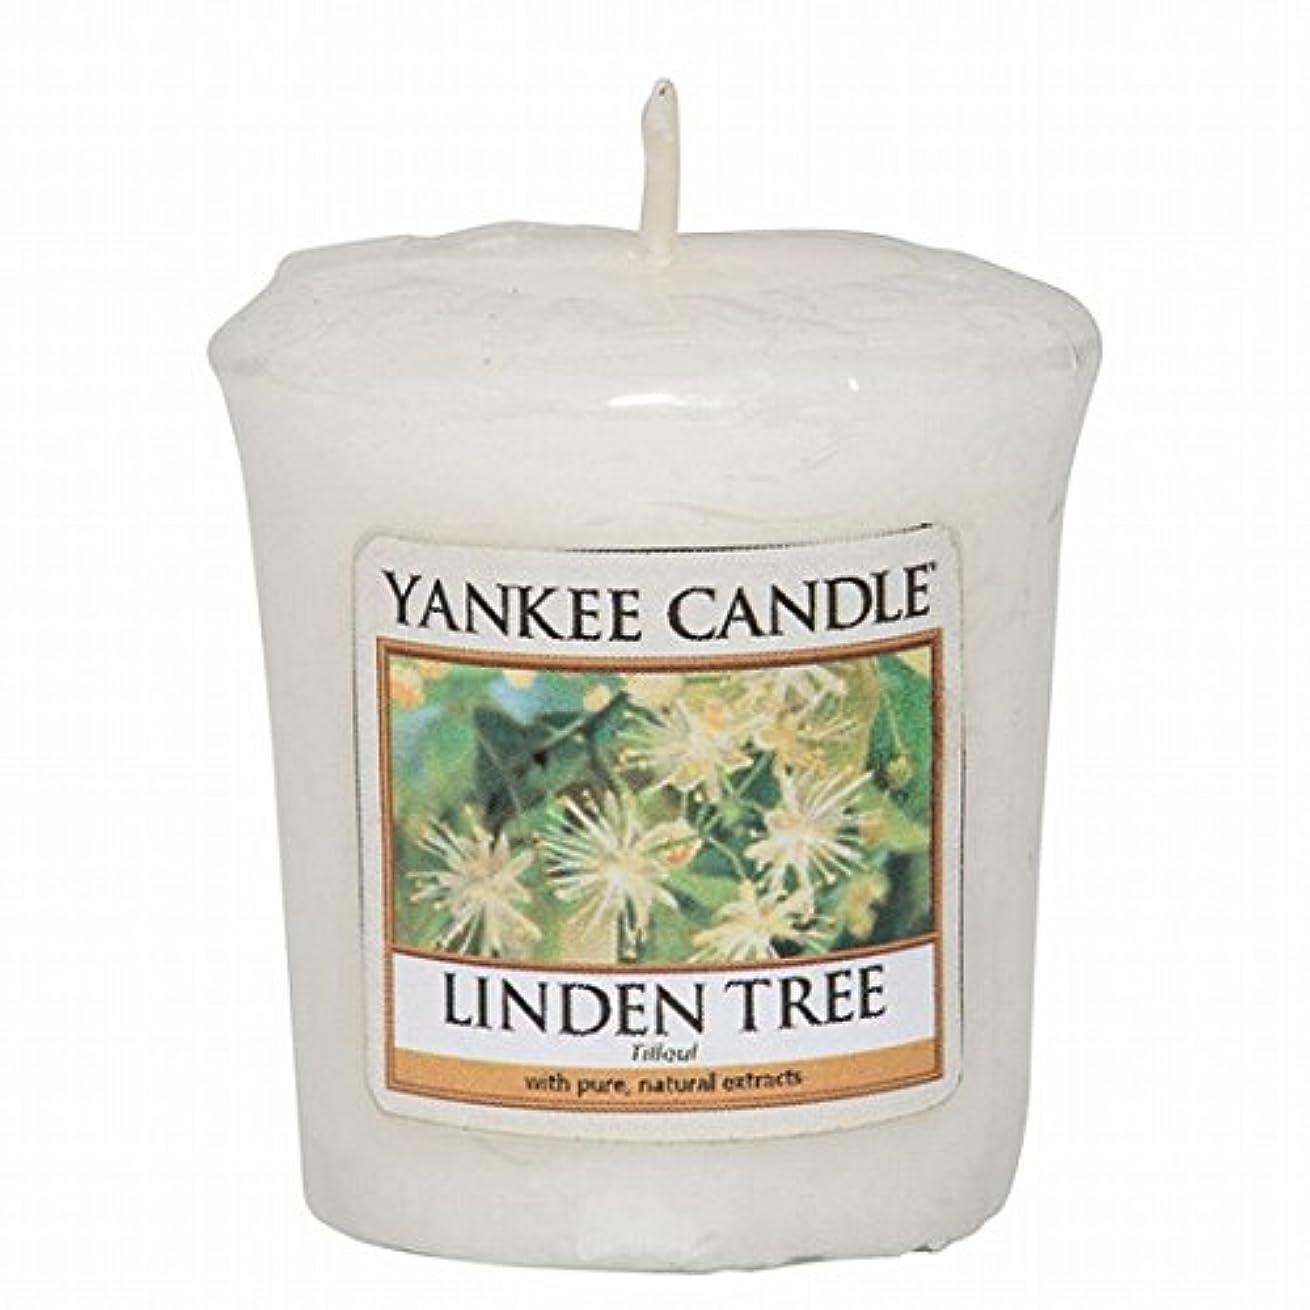 パン屋チューブずっとYANKEE CANDLE(ヤンキーキャンドル) YANKEE CANDLE サンプラー 「リンデンツリー」(K00105289)